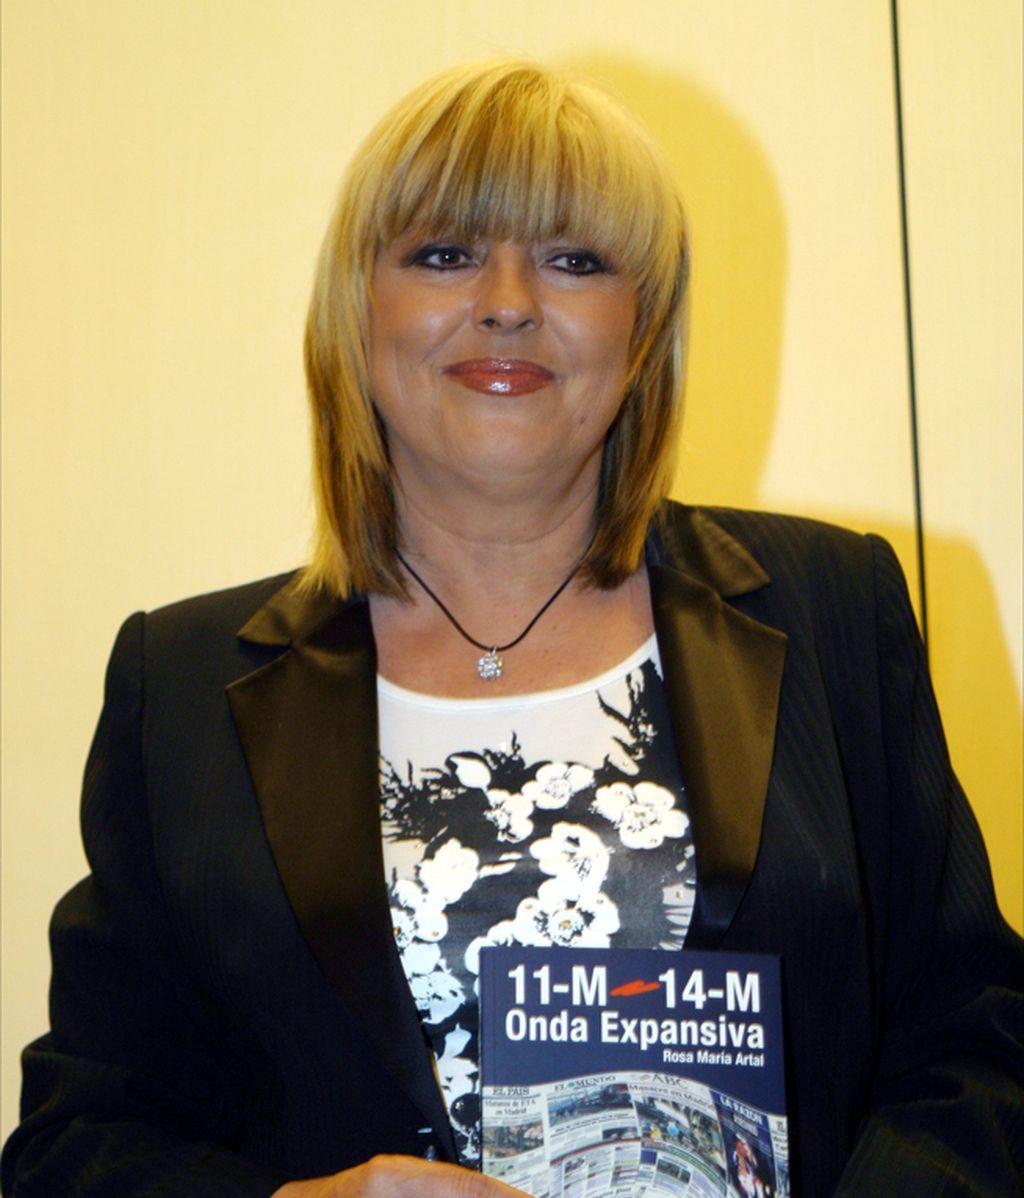 Rosa María Artal, candidata de Podemos por Aragón